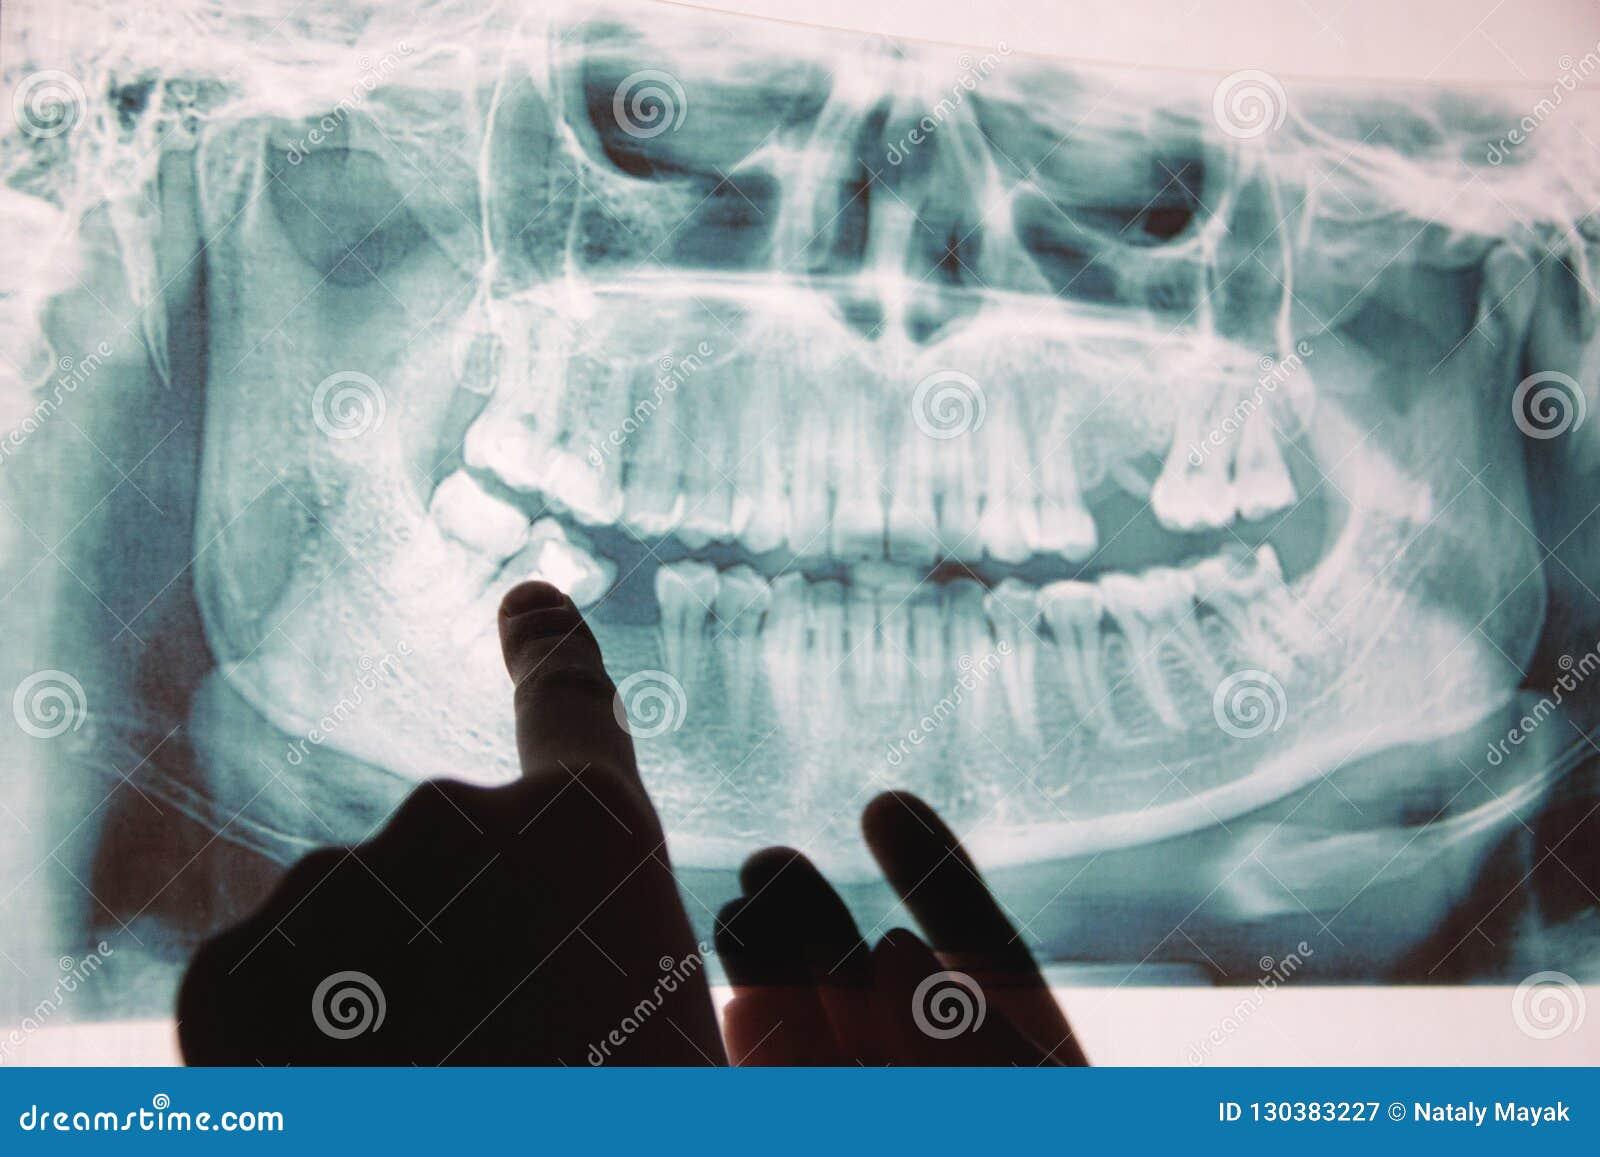 Panoramisch x-ray beeld van tanden Sommige verwijderde tanden, probleem met tanden